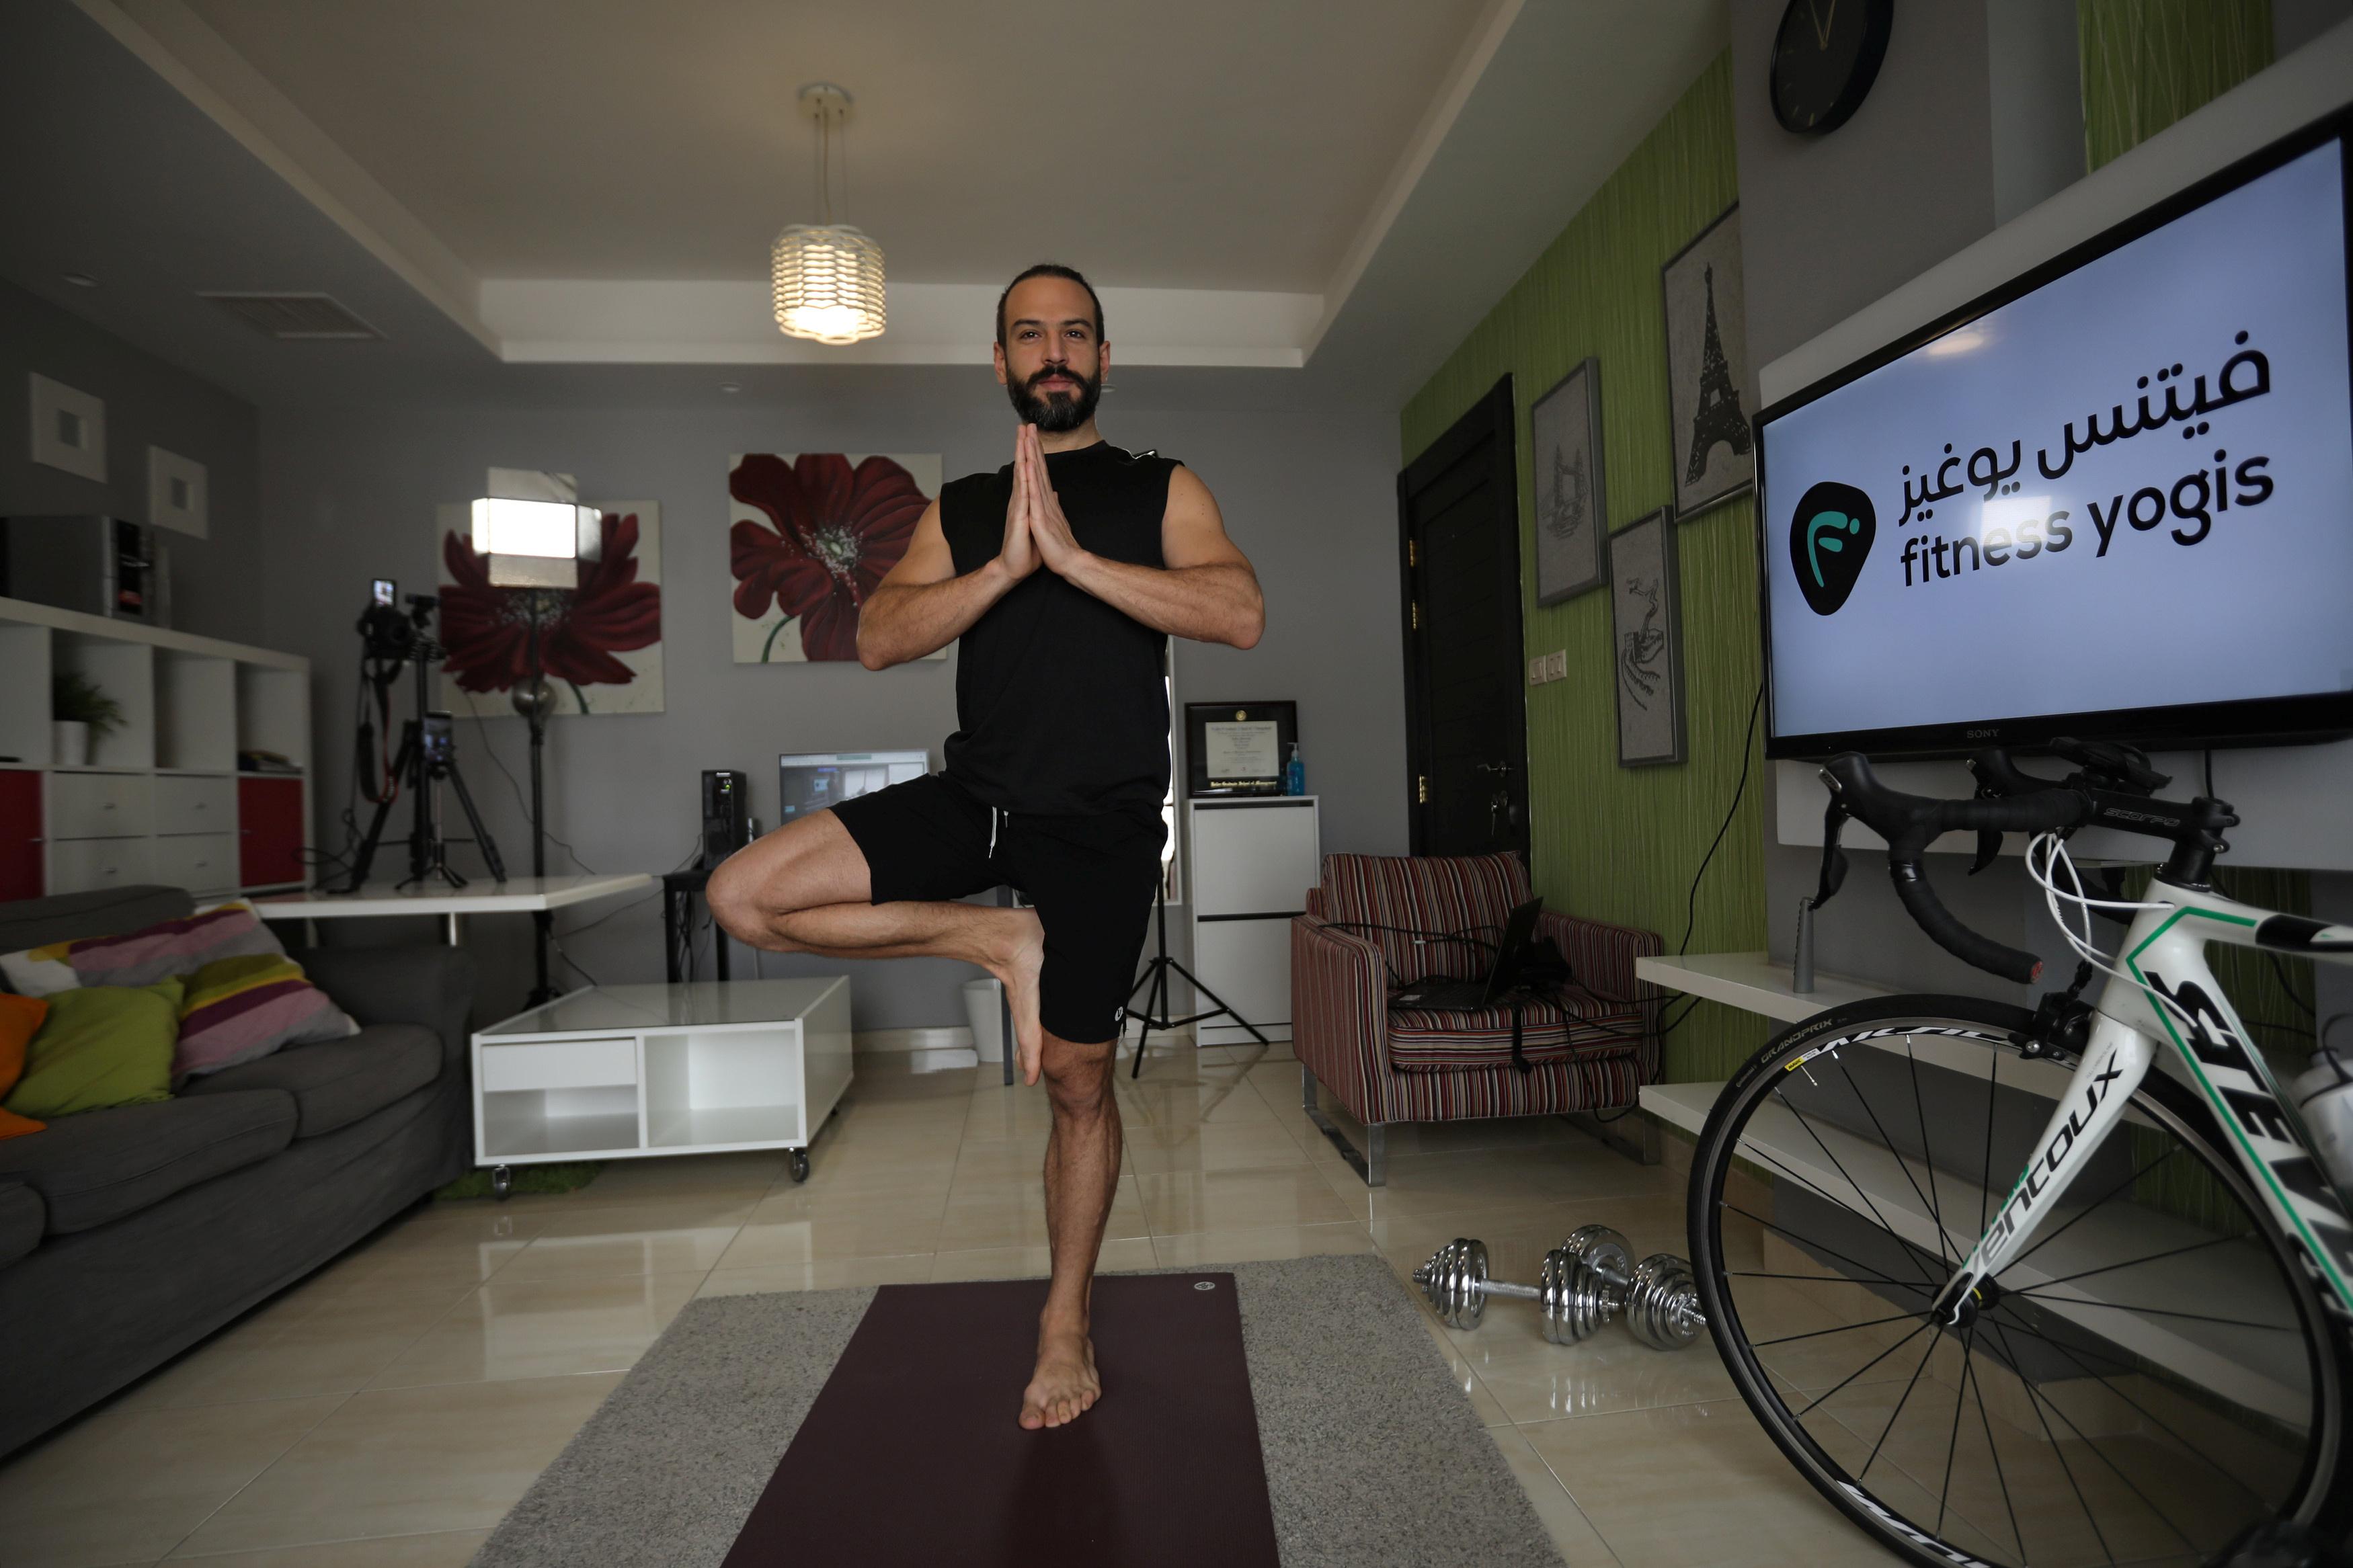 معلم اليوجا الأردني صلاح عميرة يبث مباشر من منزله خلال فترة حظر التجول